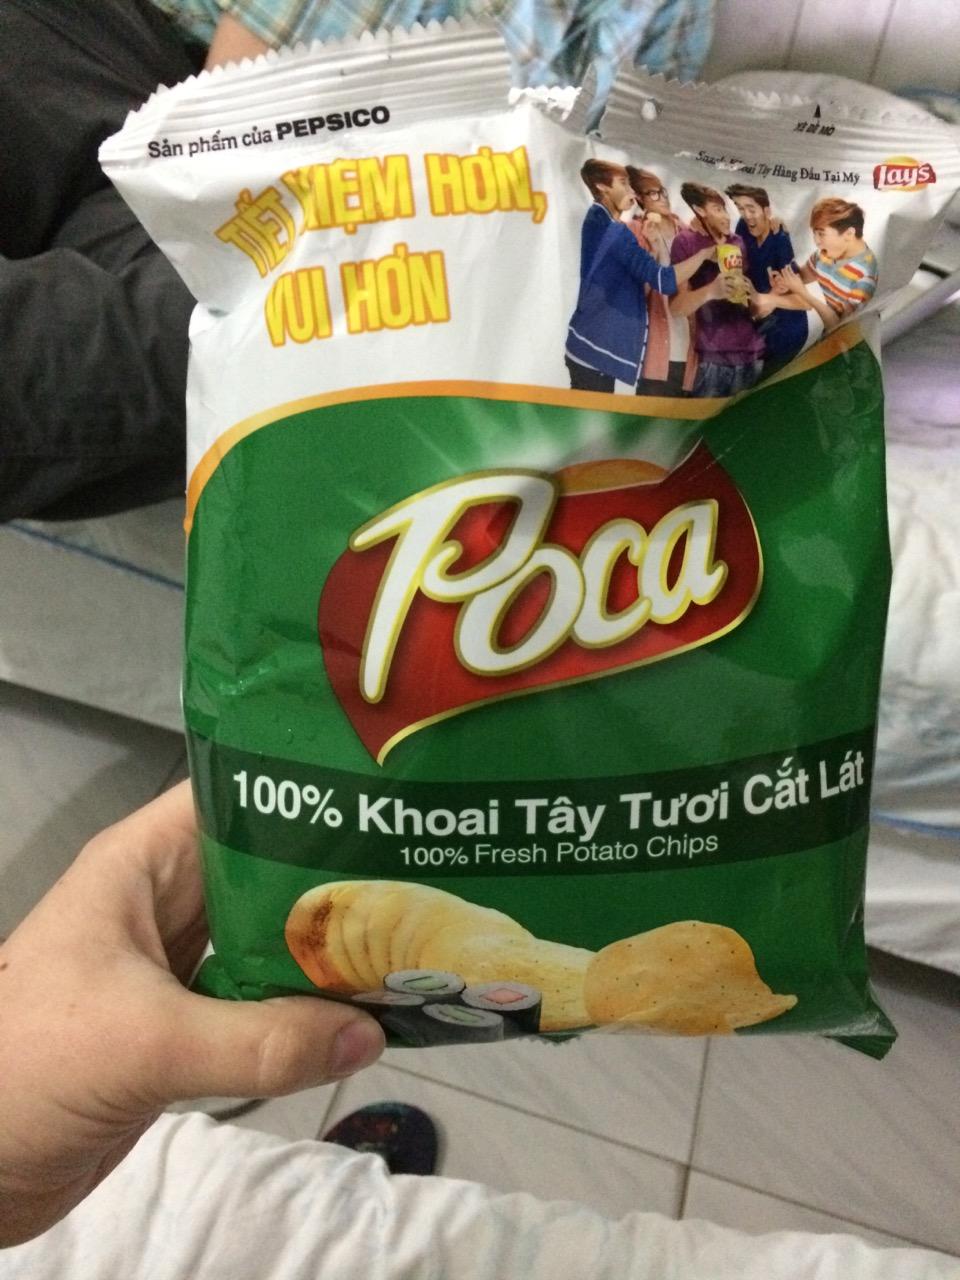 Подборка забавных азиатских продуктов: Чипсы Lay's со вкусом суши